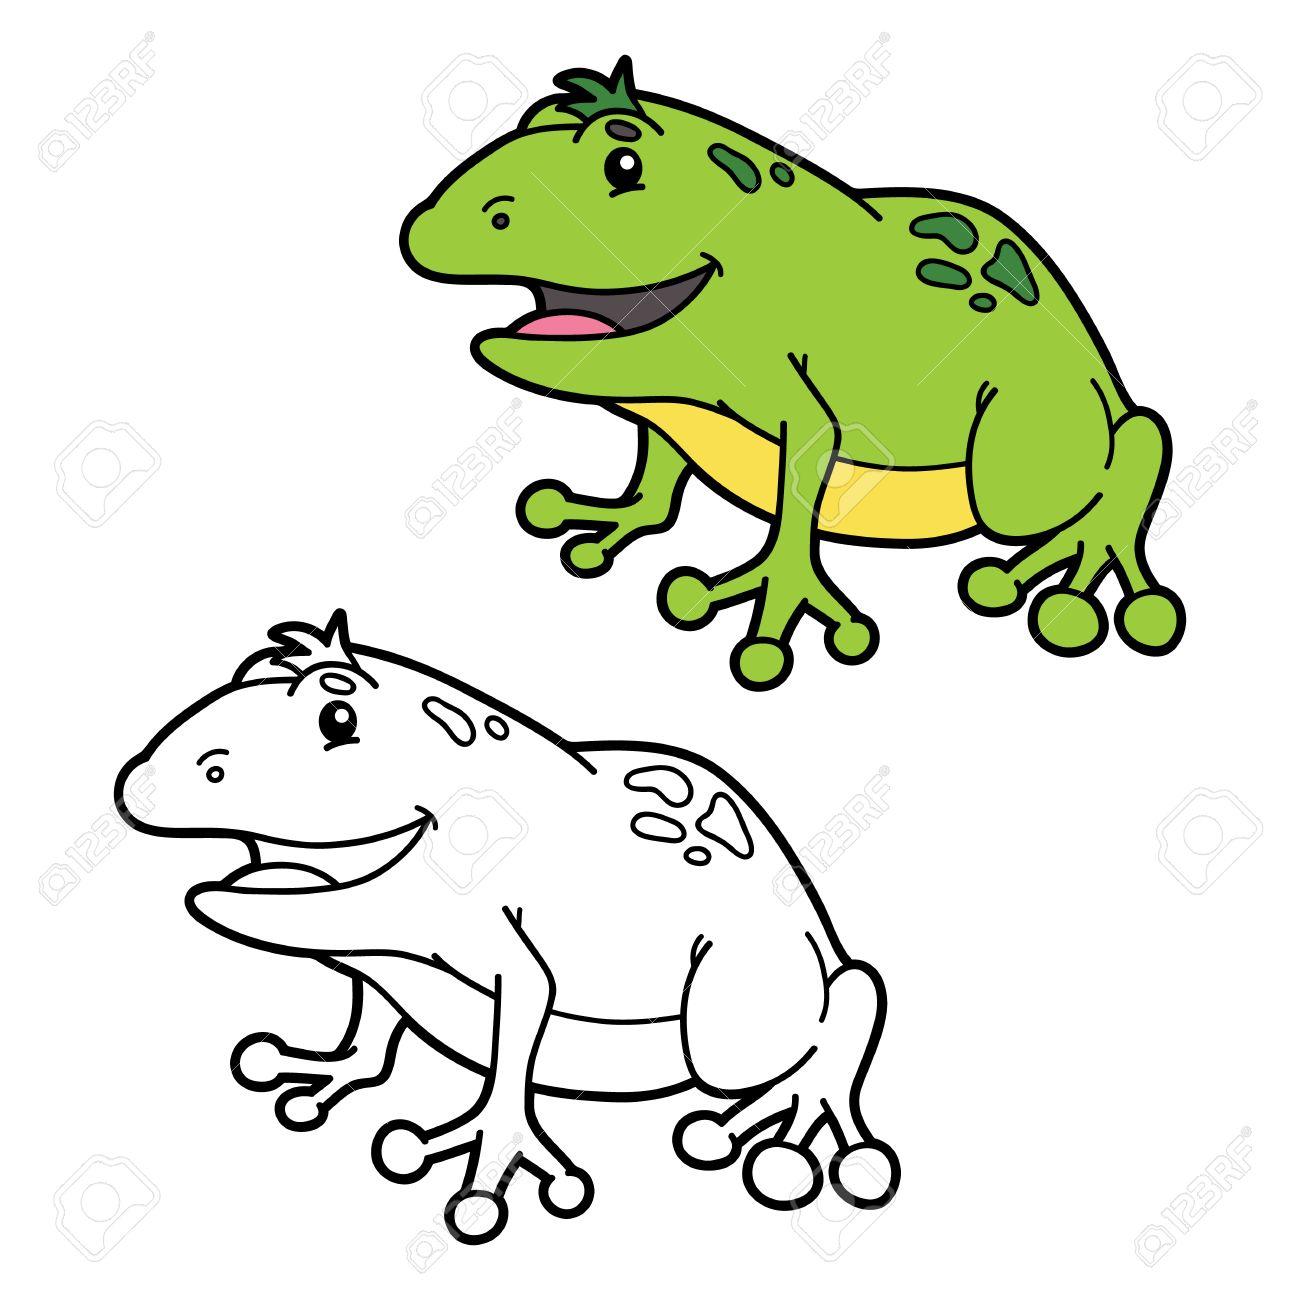 Lustiger Frosch Malvorlagen. Abbildung Malvorlagen Mit Glücklichen ...